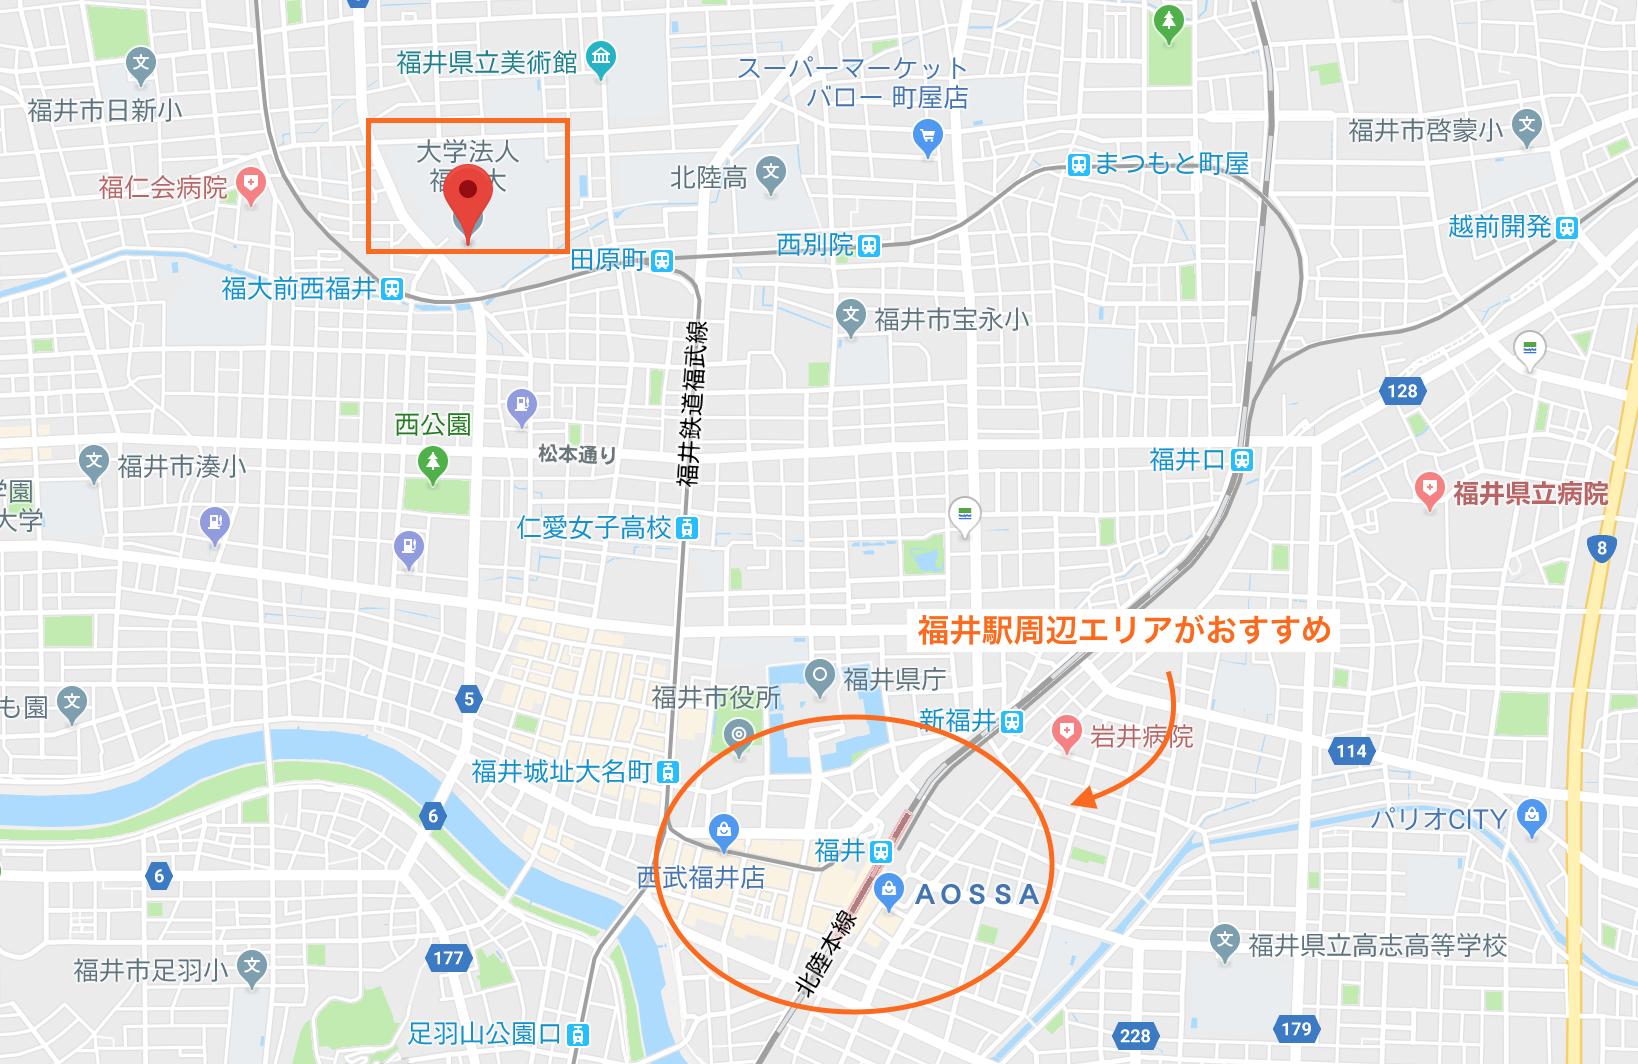 福井大学の文京キャンパス周辺の宿泊エリア